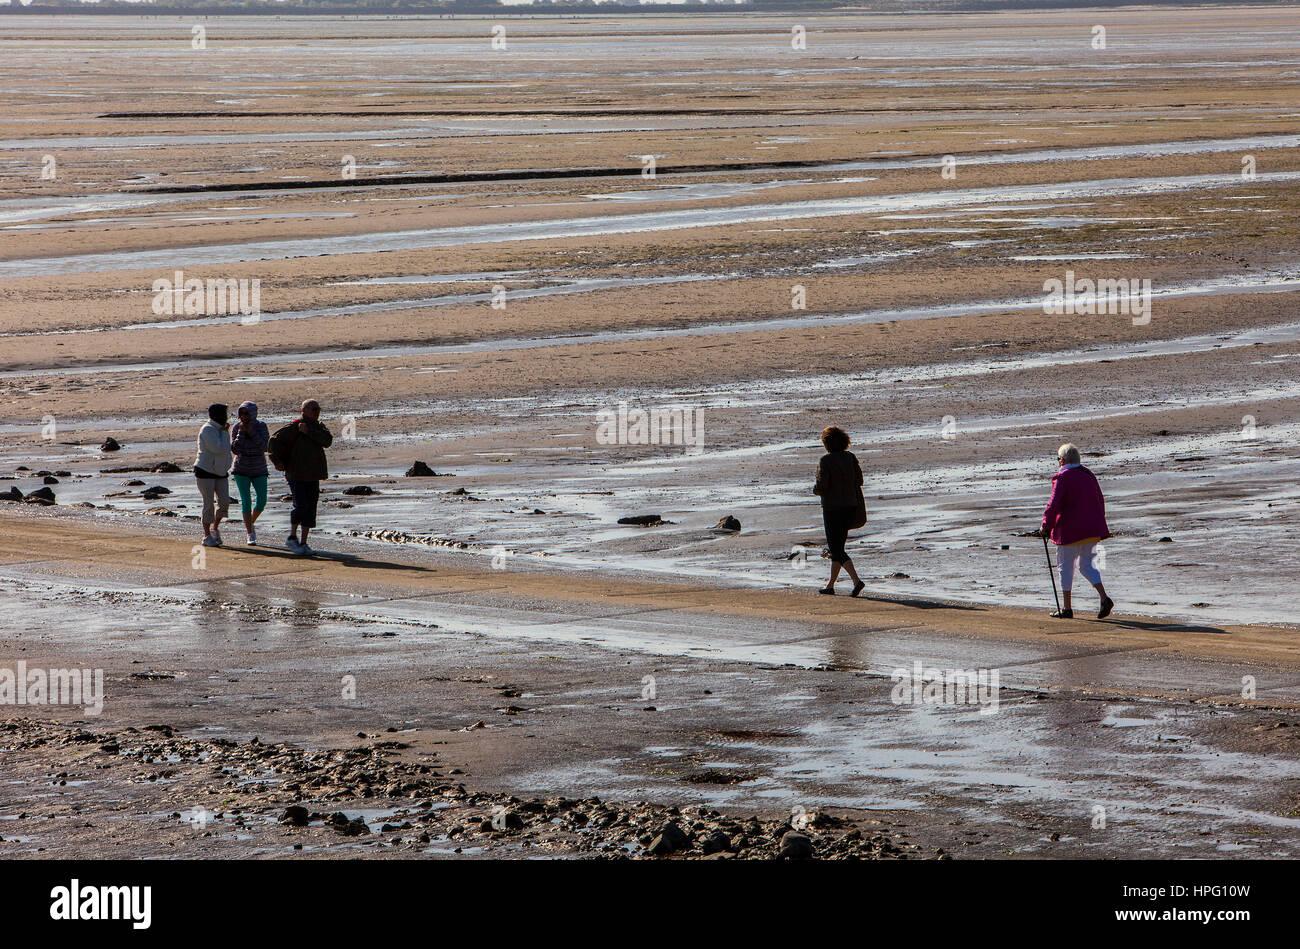 Passage du gois, Ile de noirmoutier, dept Loire-Atlantique, France, Europe - Stock Image